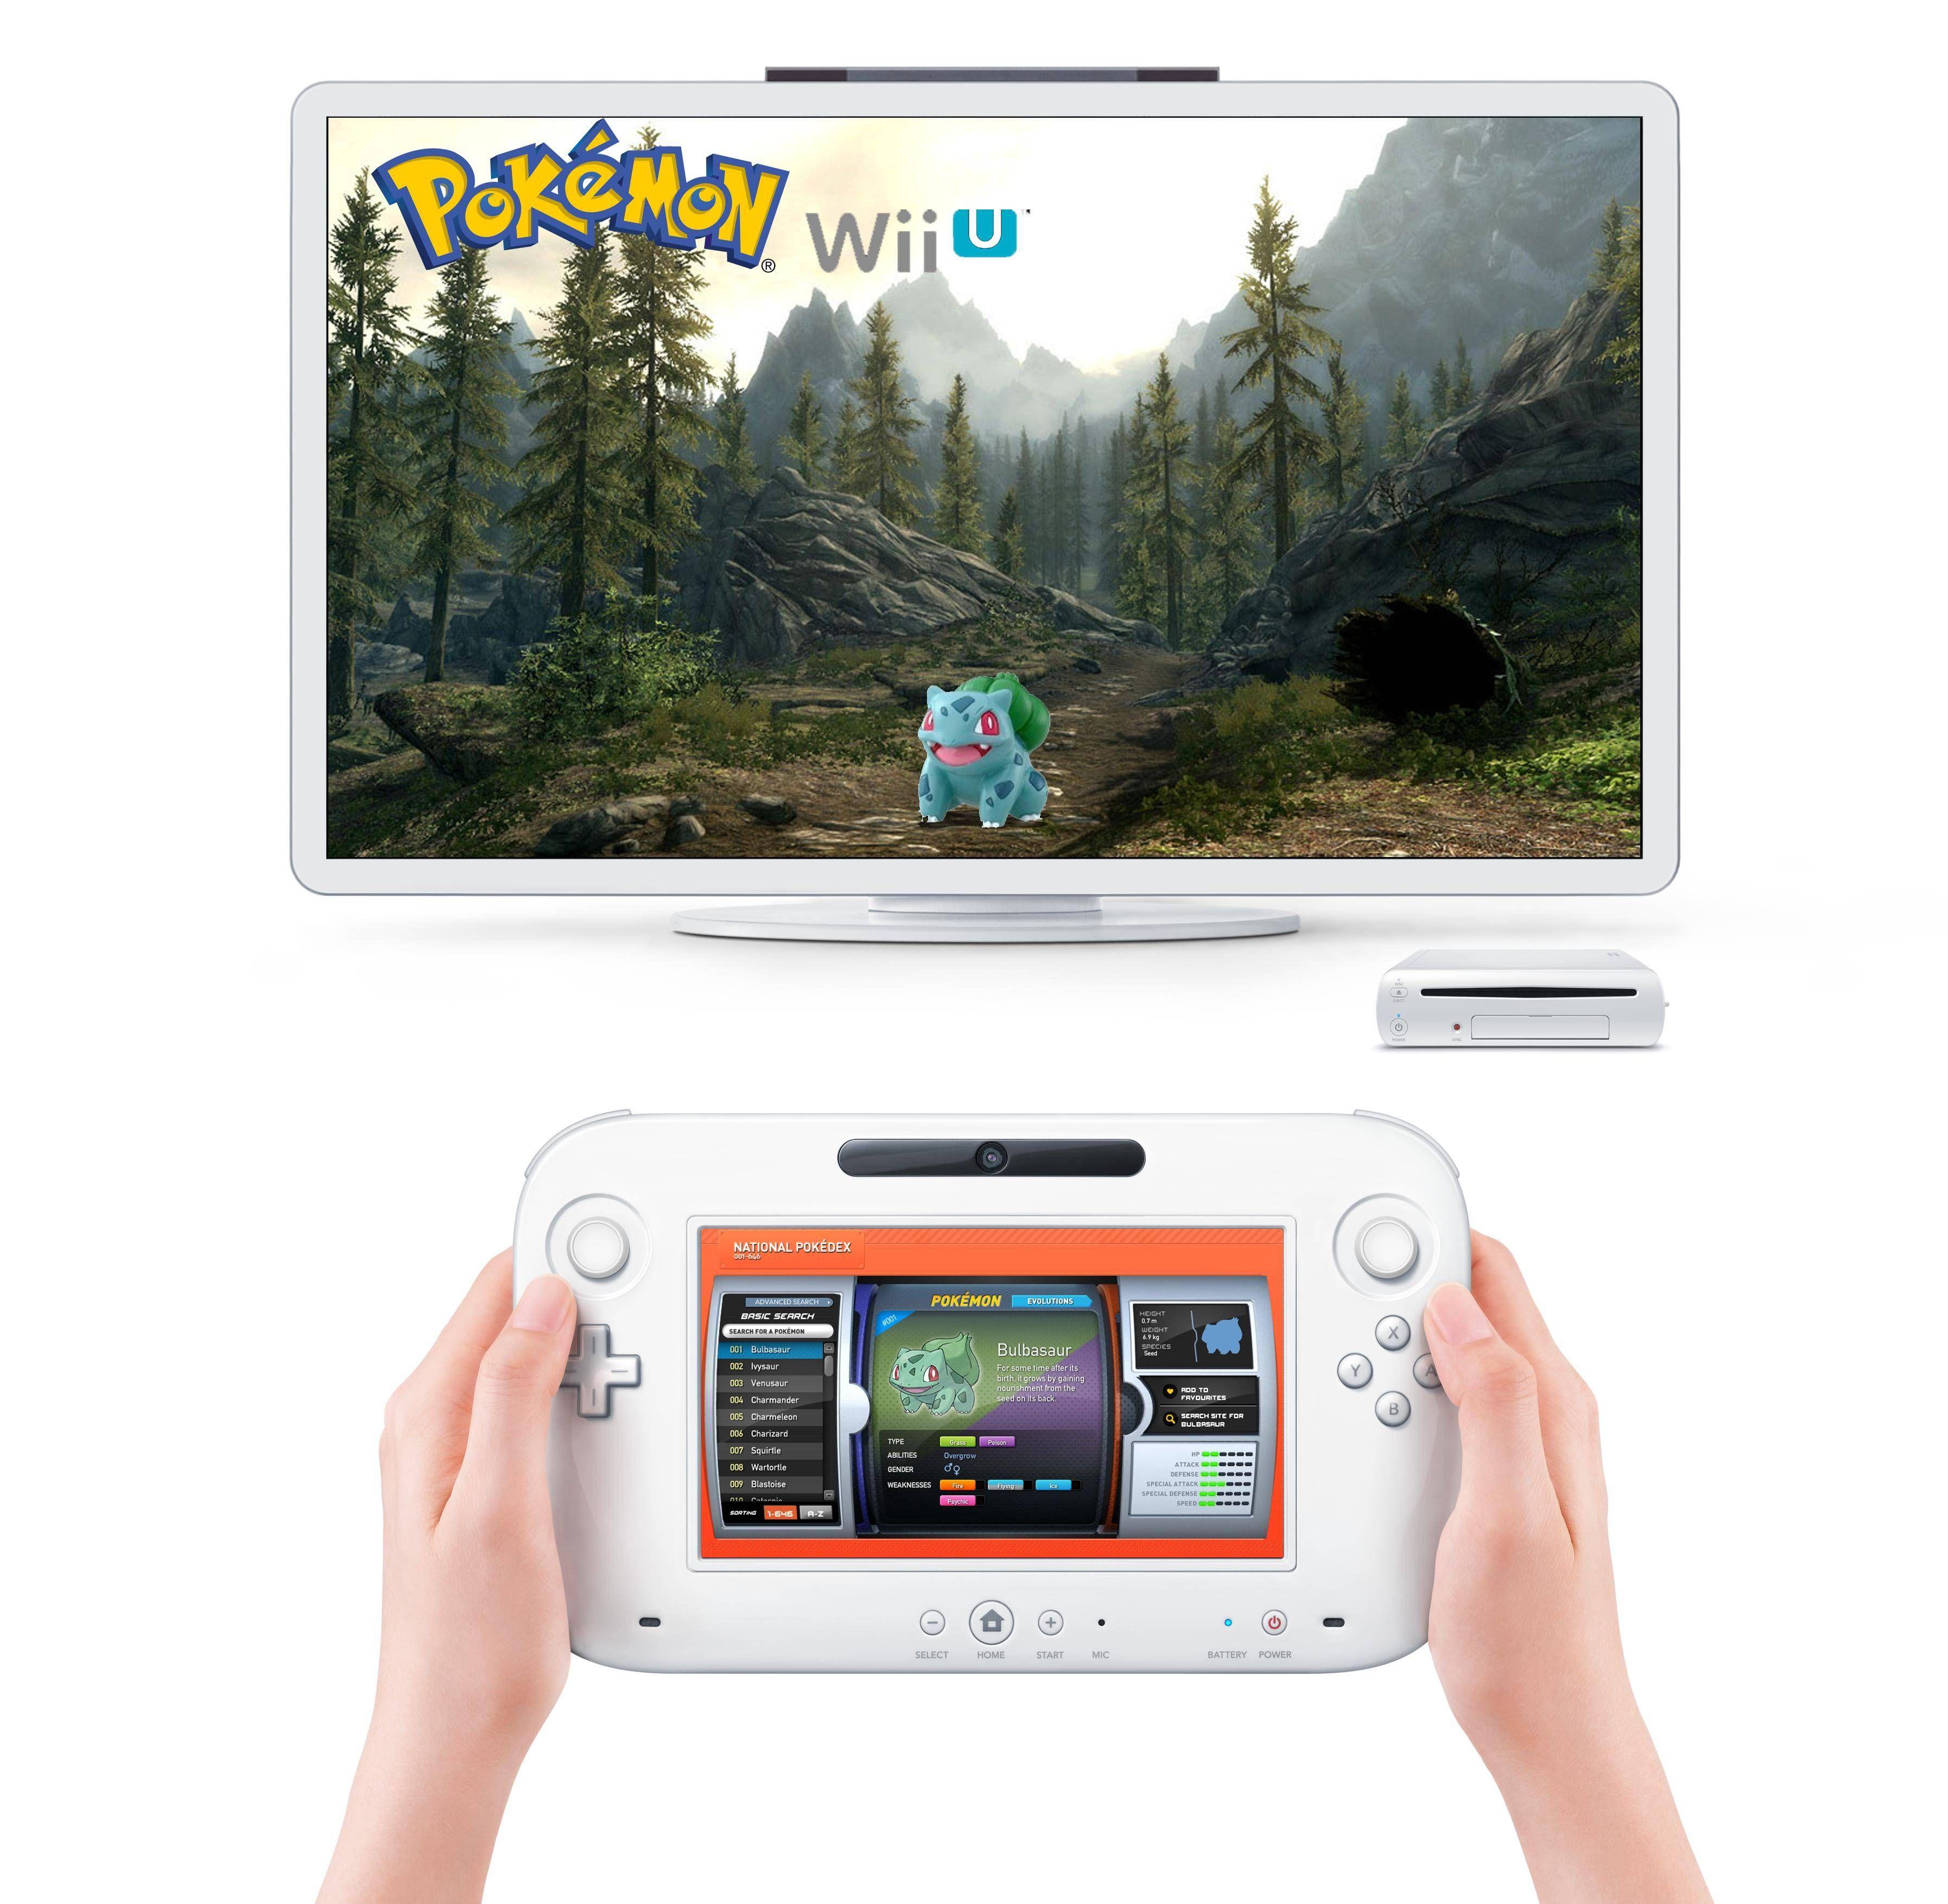 Shamelessly stole from reddit: Pokemon Wii U | Geek grokking